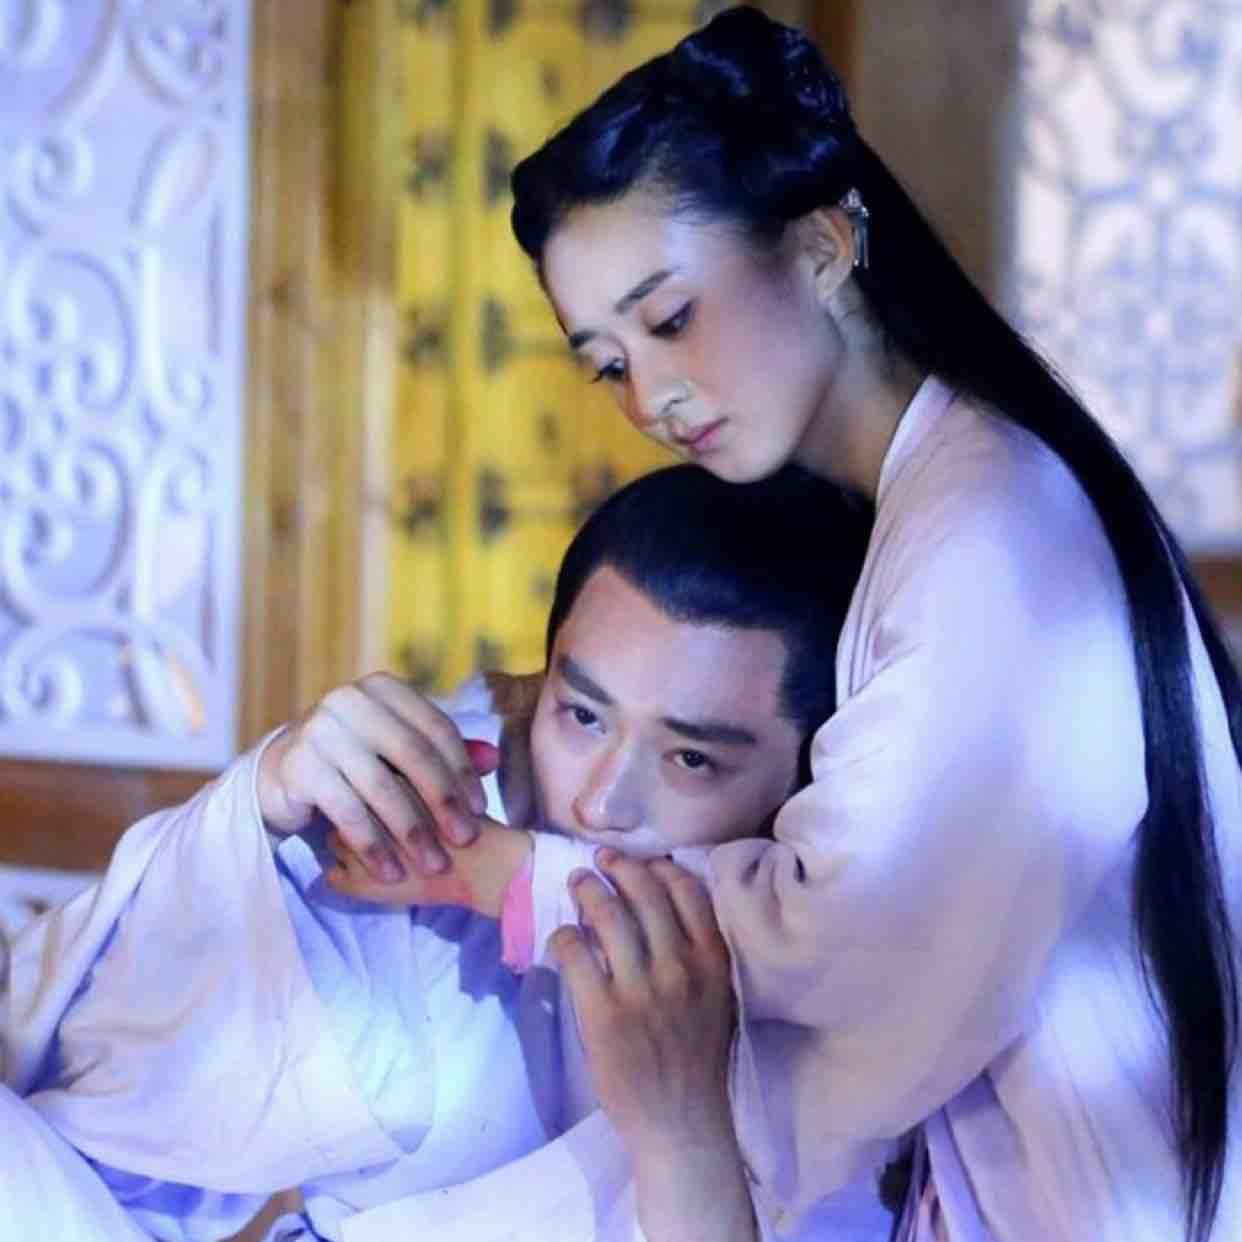 XiangPing